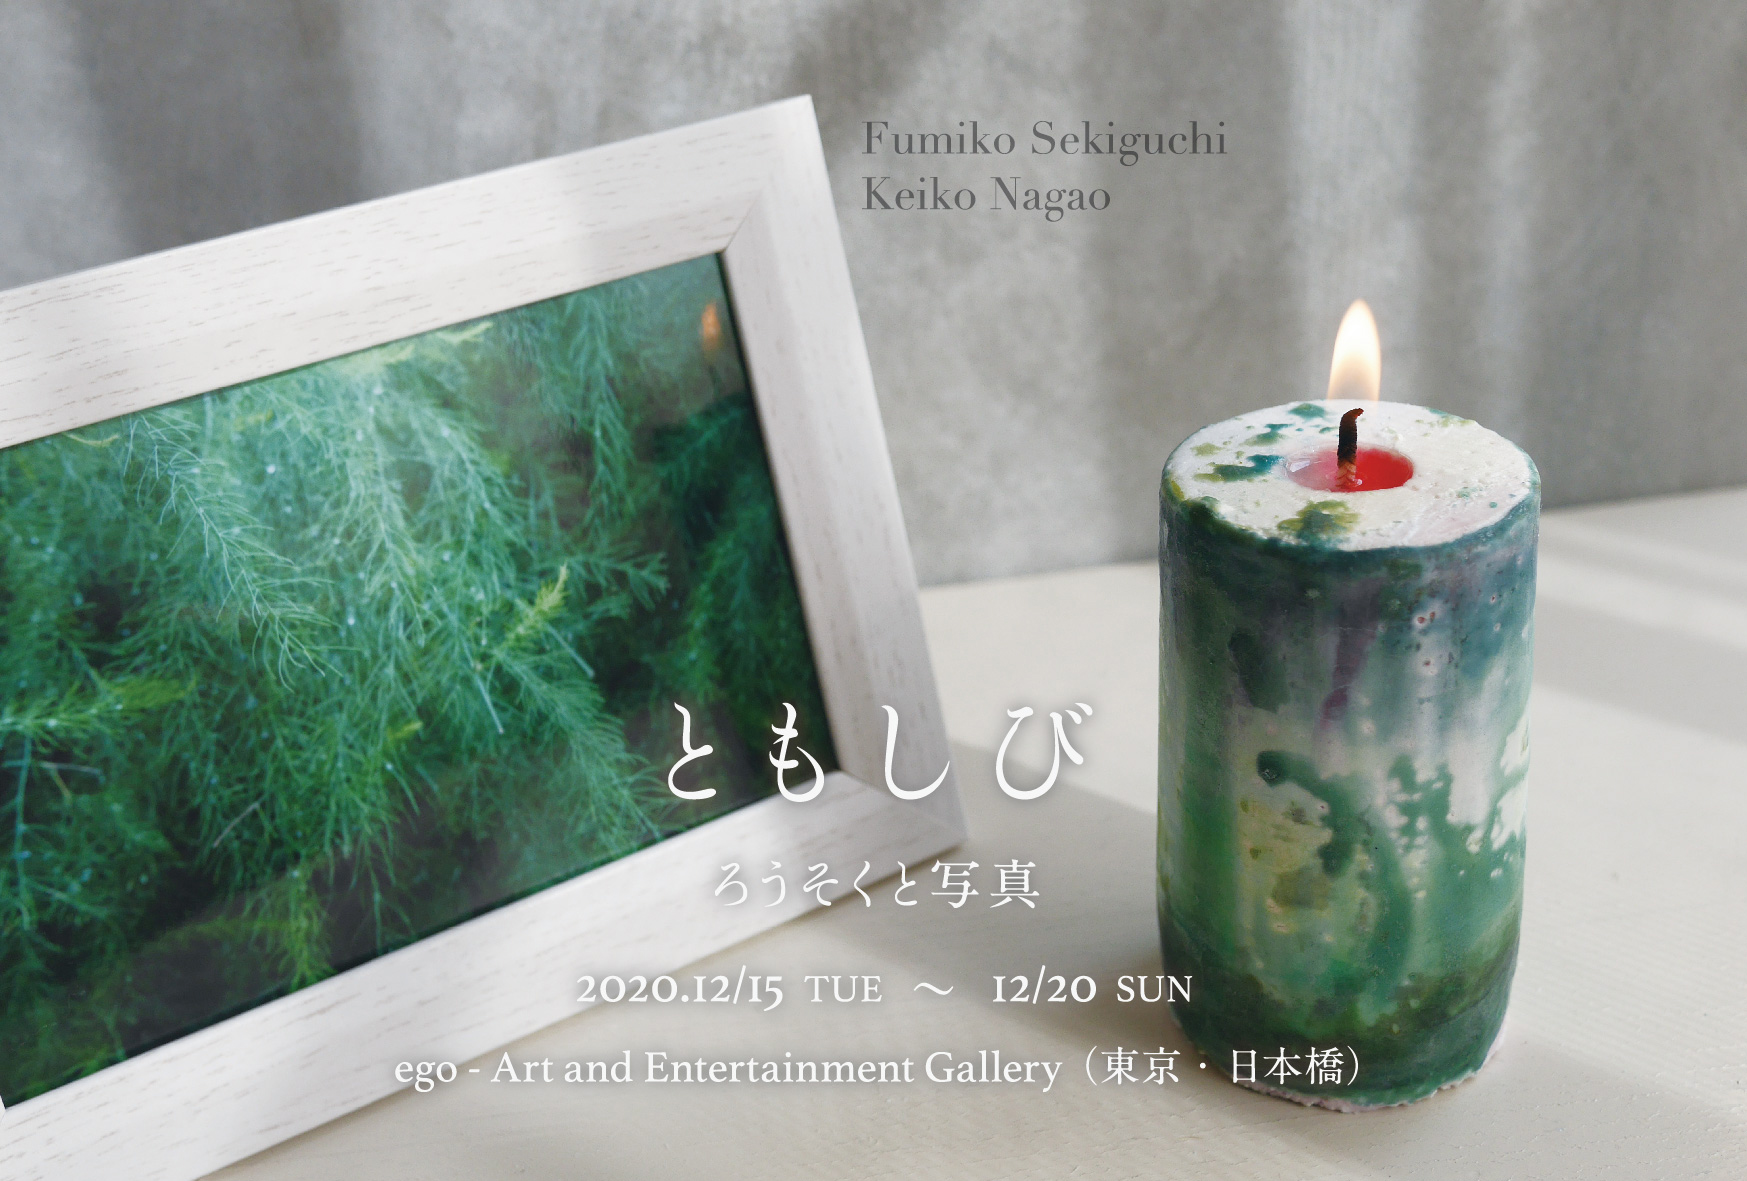 [イベントのおしらせ]12/15〜20「ともしび ろうそくと写真」関口文子・長尾契子 二人展@ego